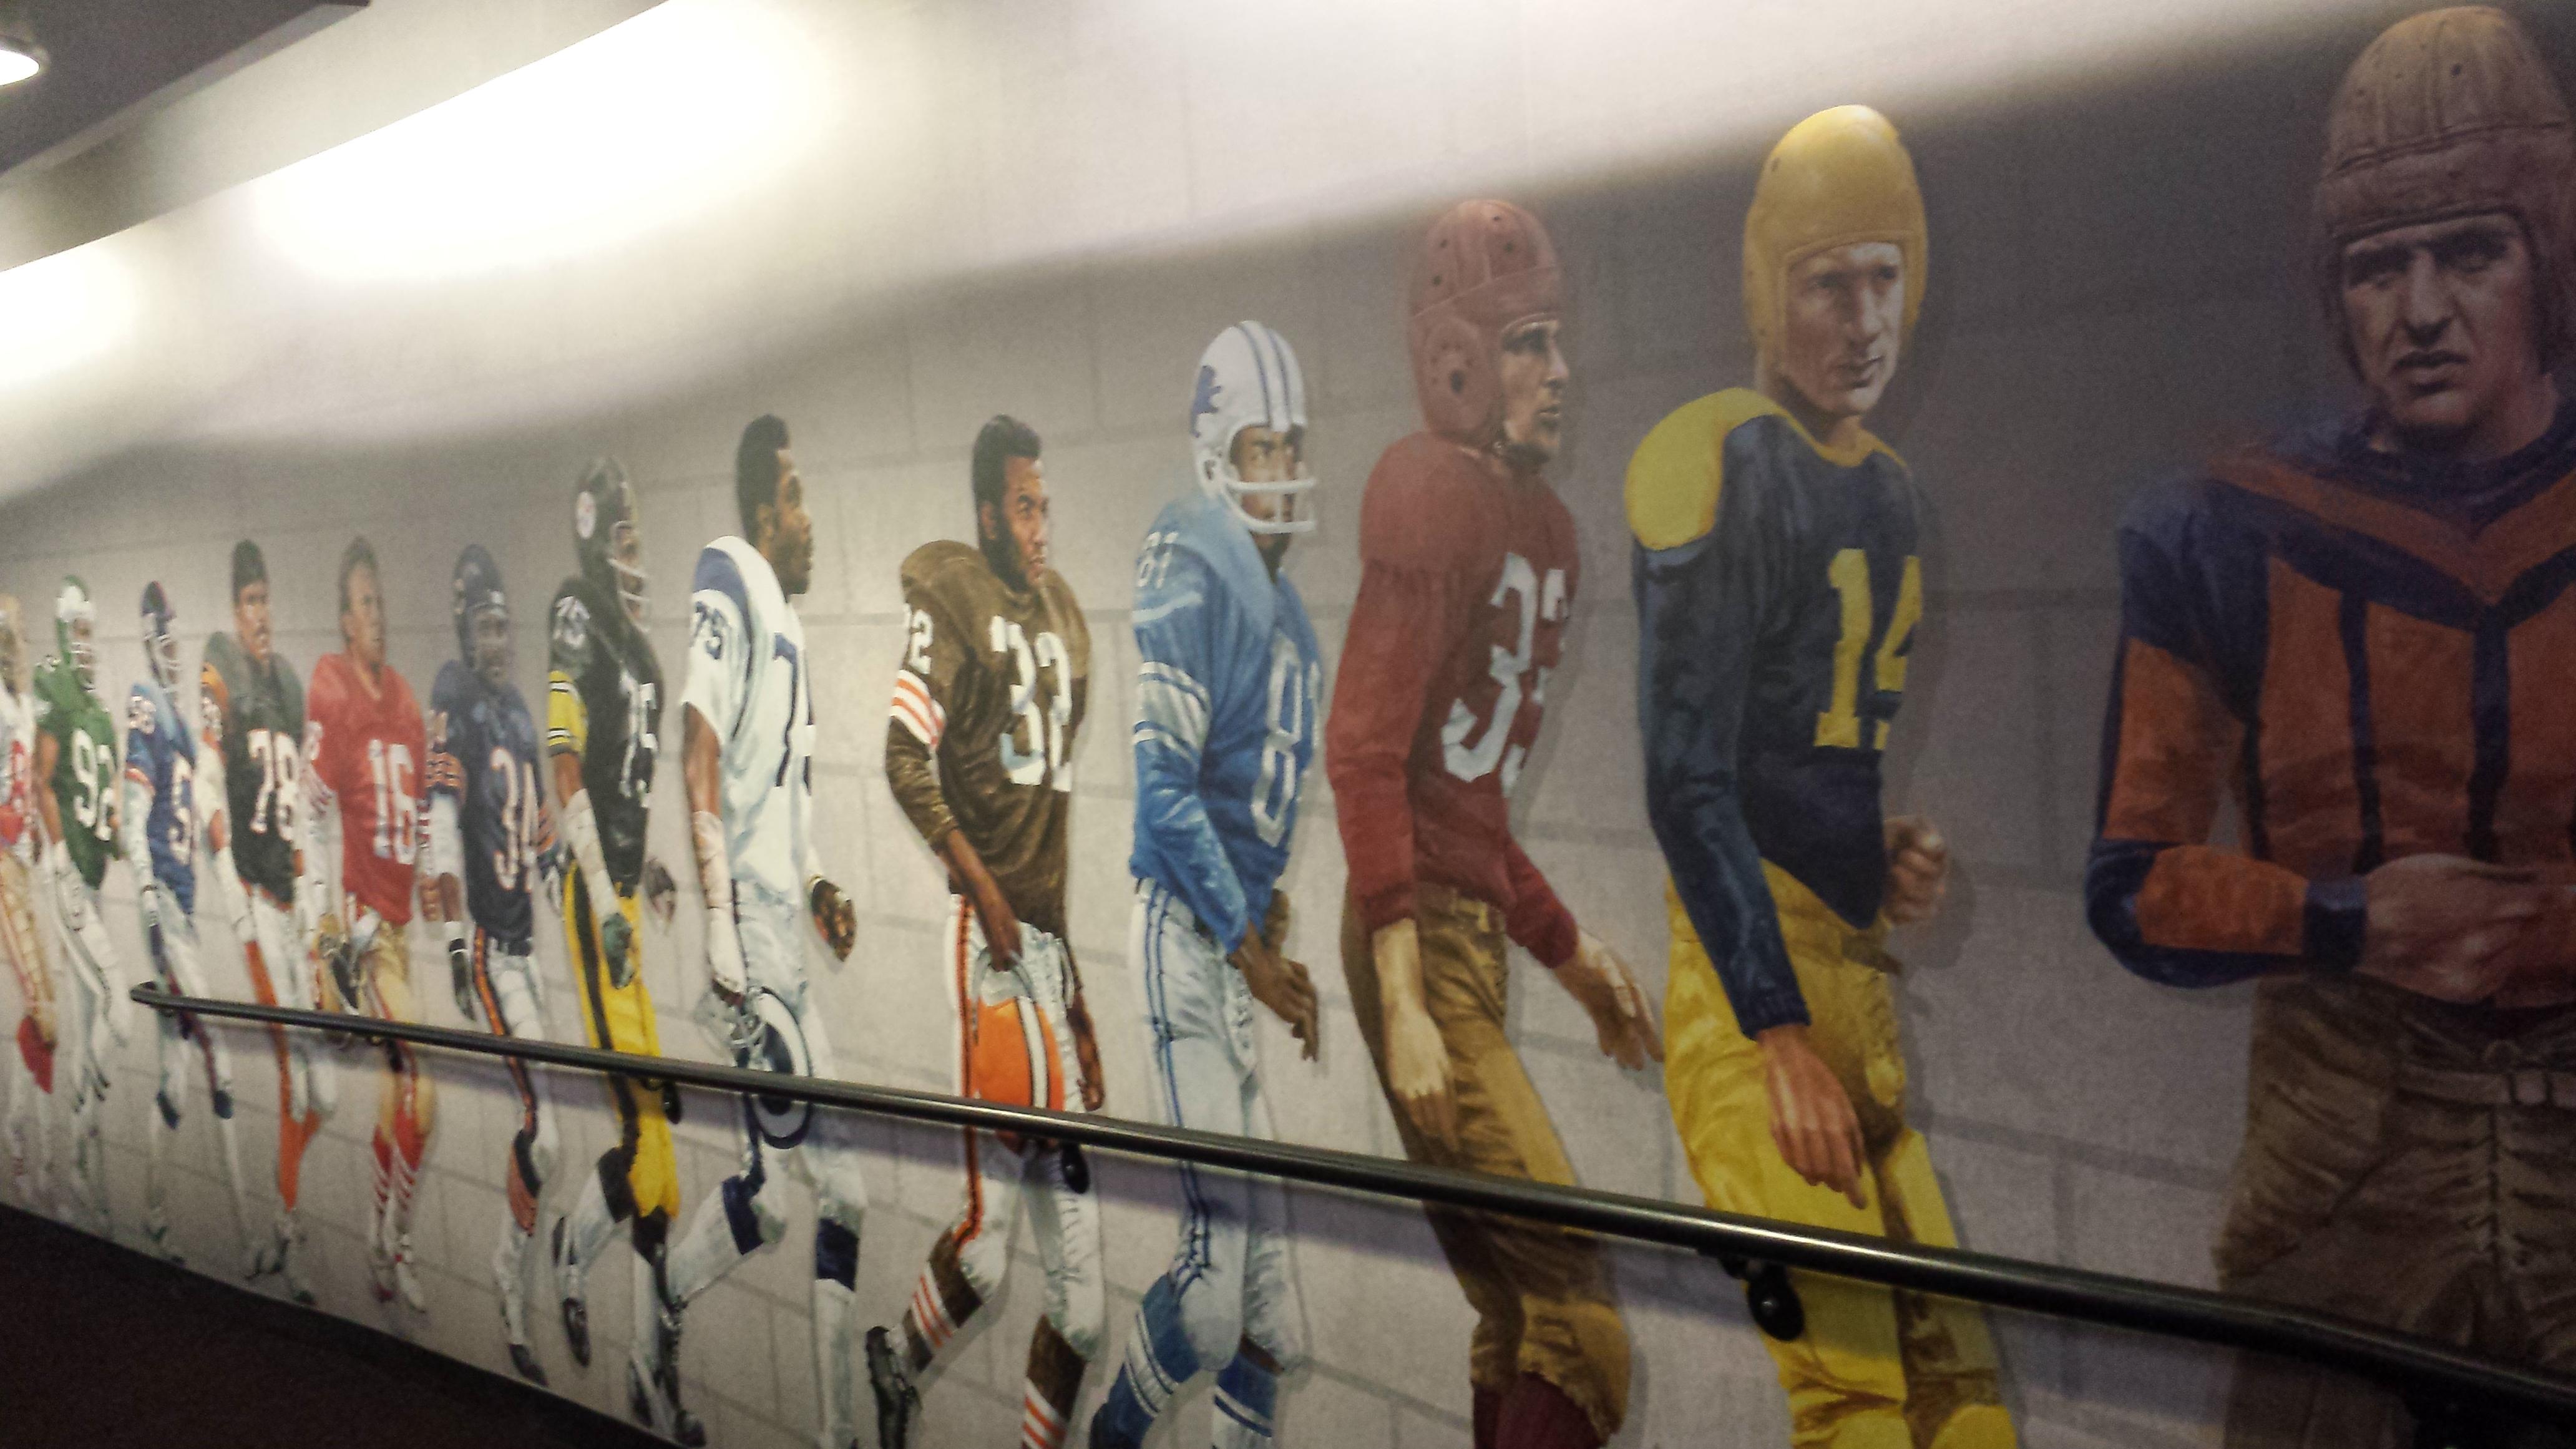 I gangen på vei inn til Hall of Fame er det en veggmural med historiske personer. Hvor mange kjenner du igjen?